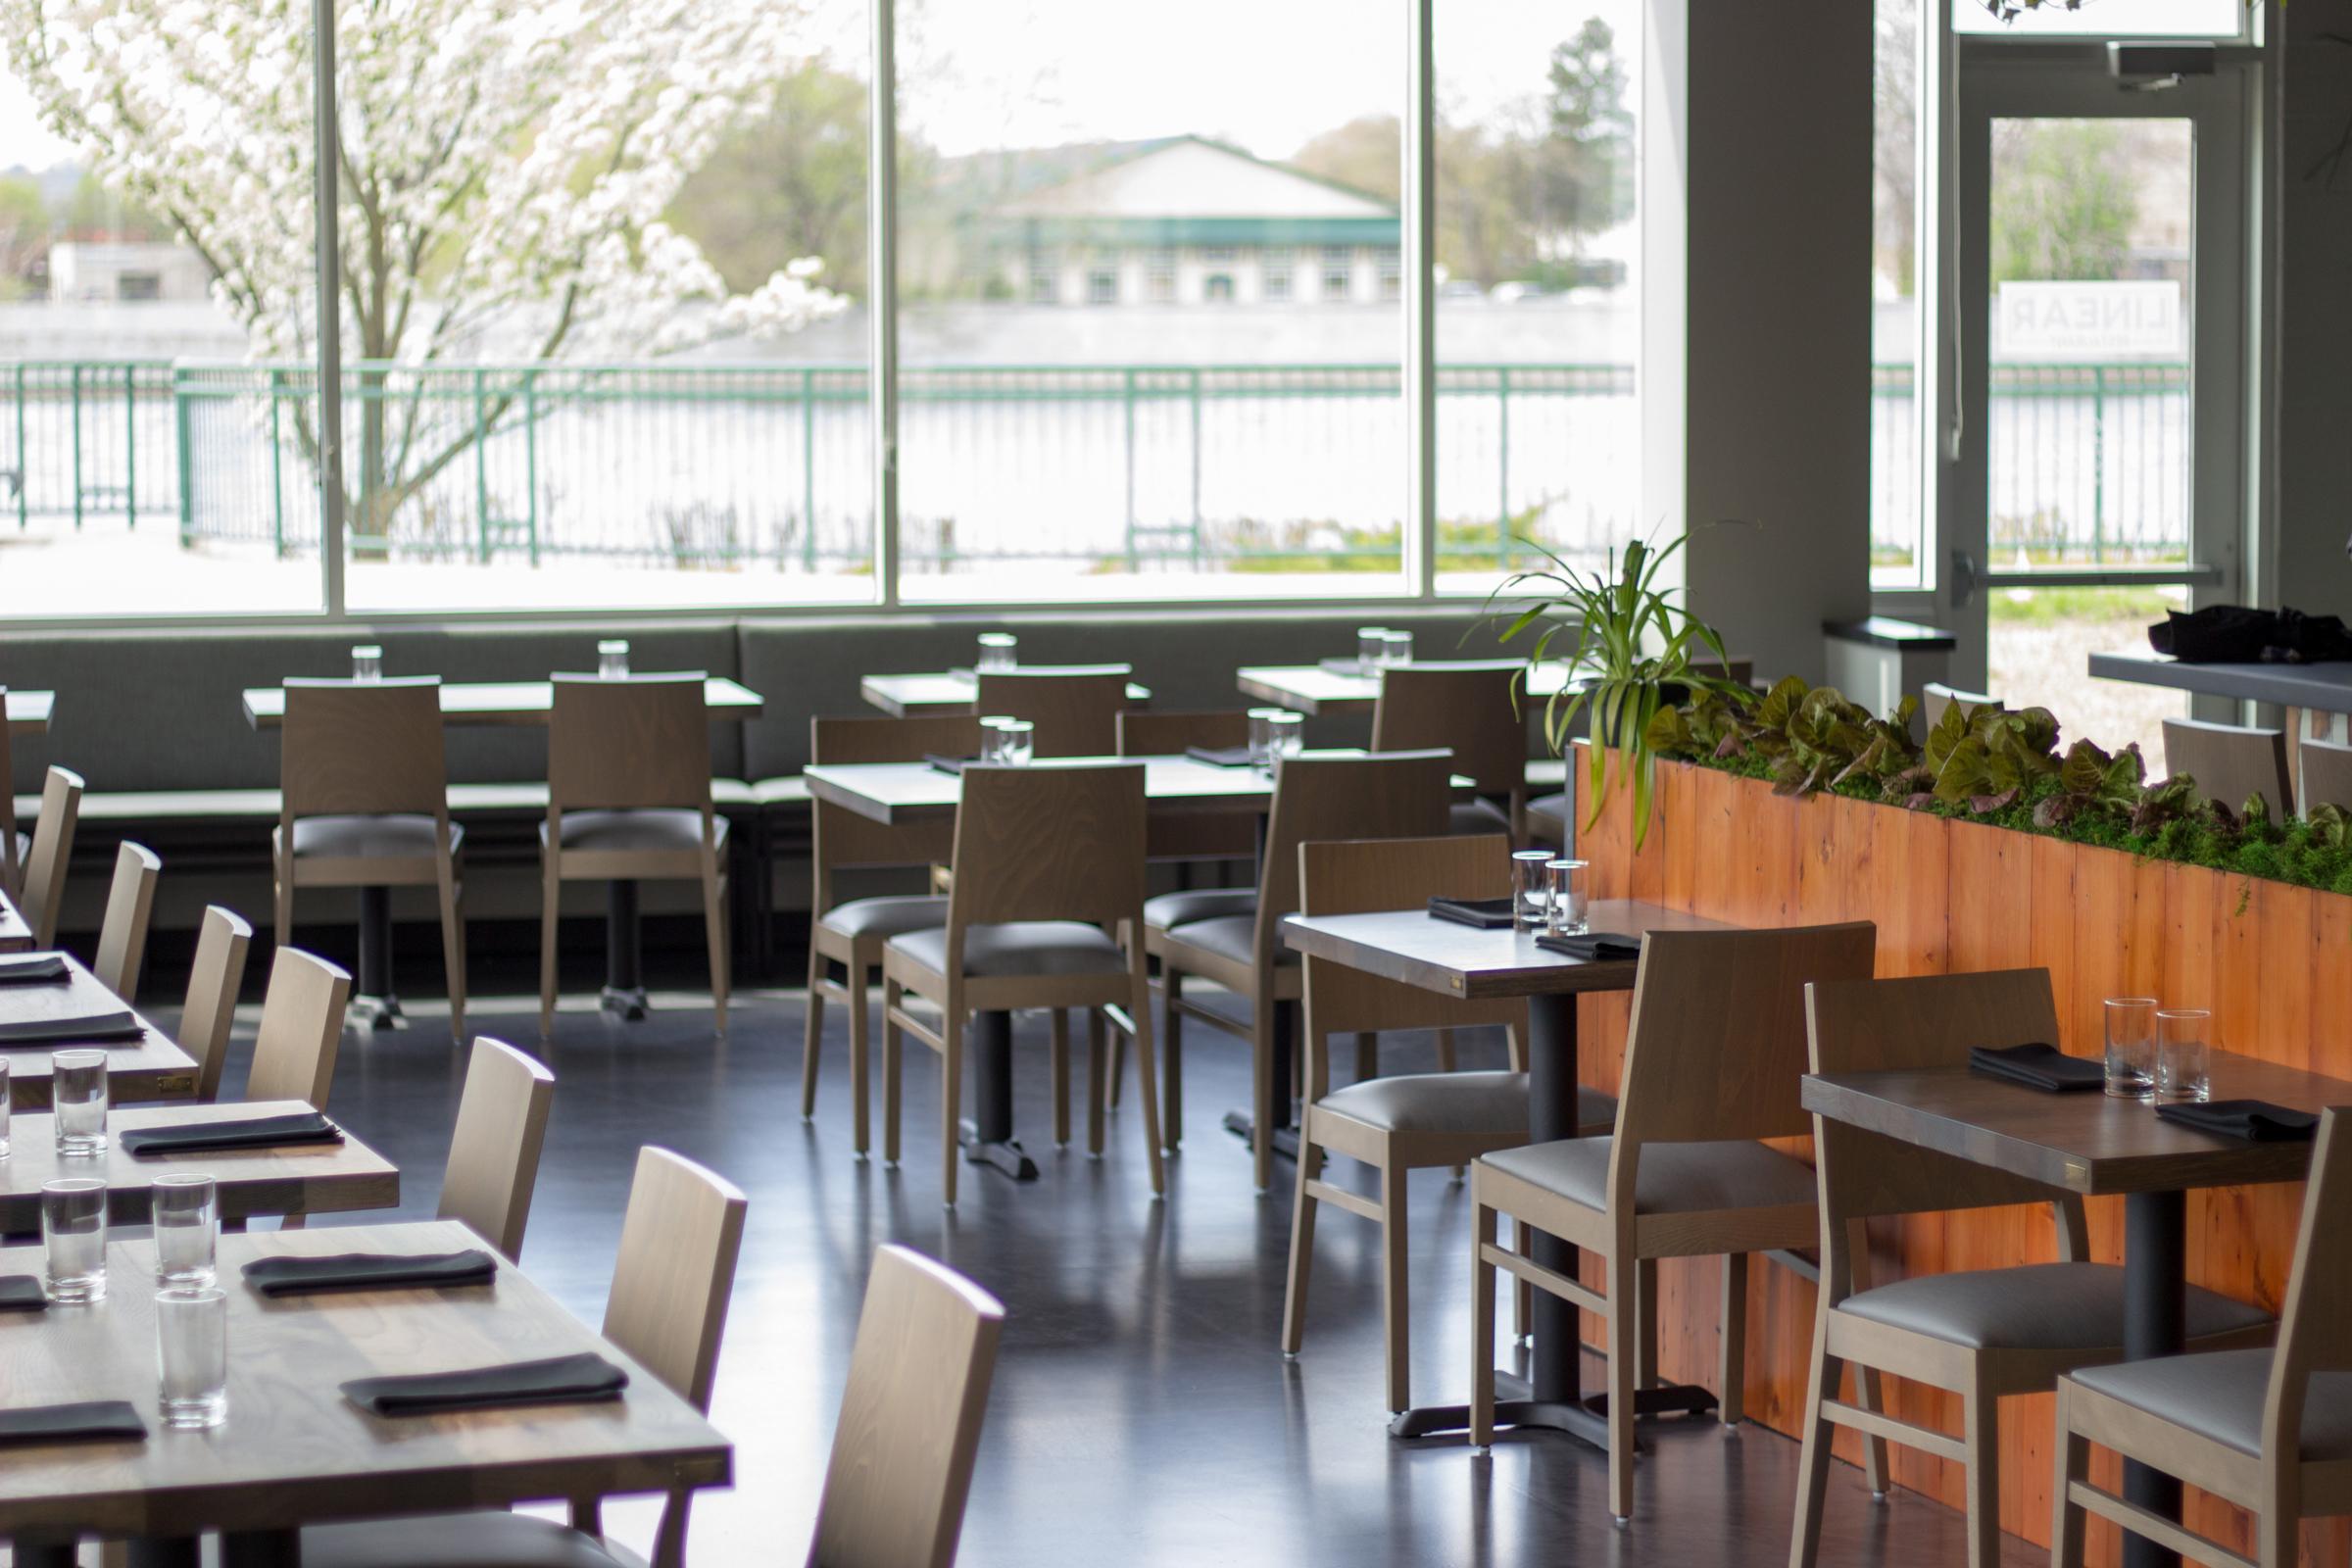 Linear restaurant dining room